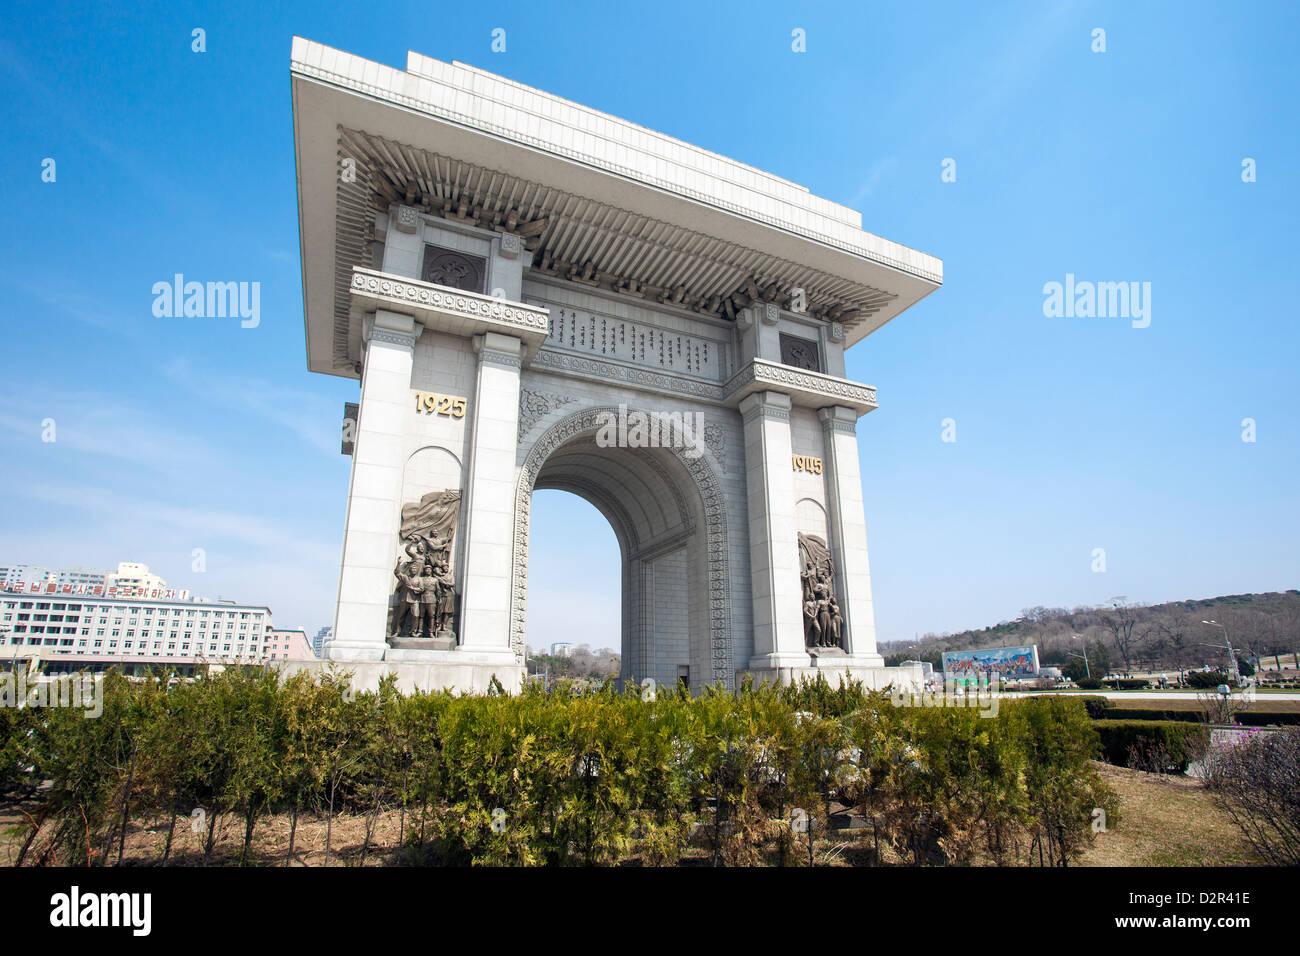 Arco de Triunfo, superior a 3m del Arco de Triunfo en París, Pyongyang, Corea del Norte Imagen De Stock